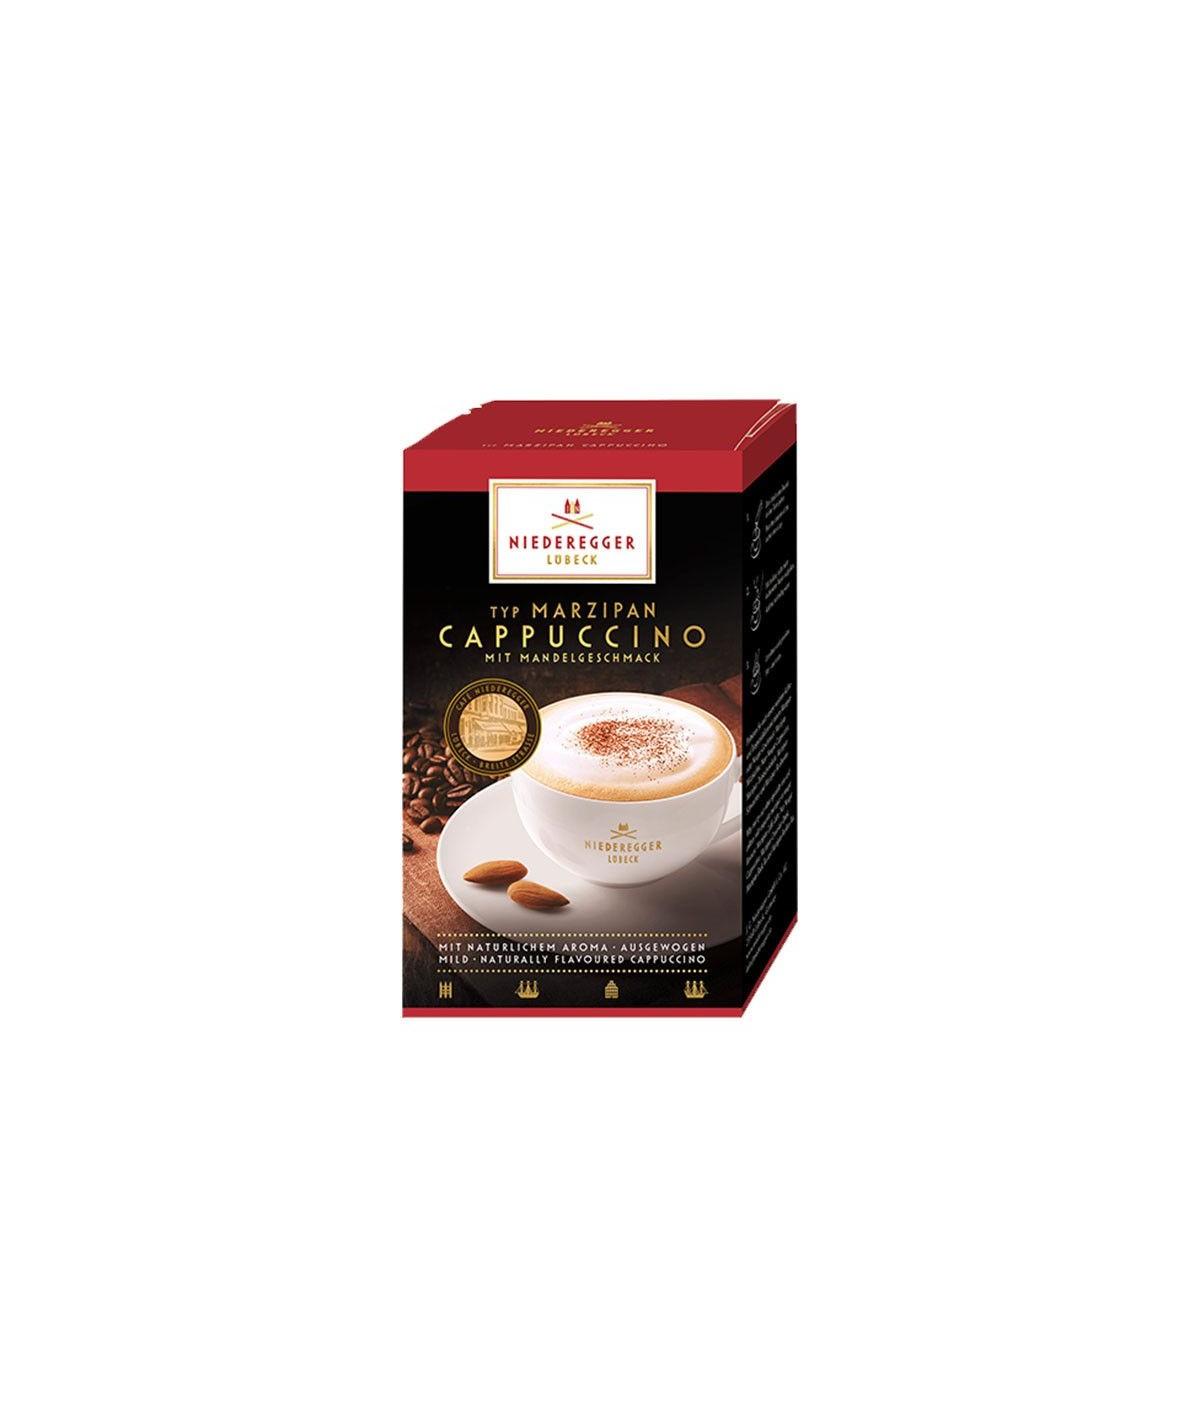 Marzipan Cappuccino Niederegger 220g